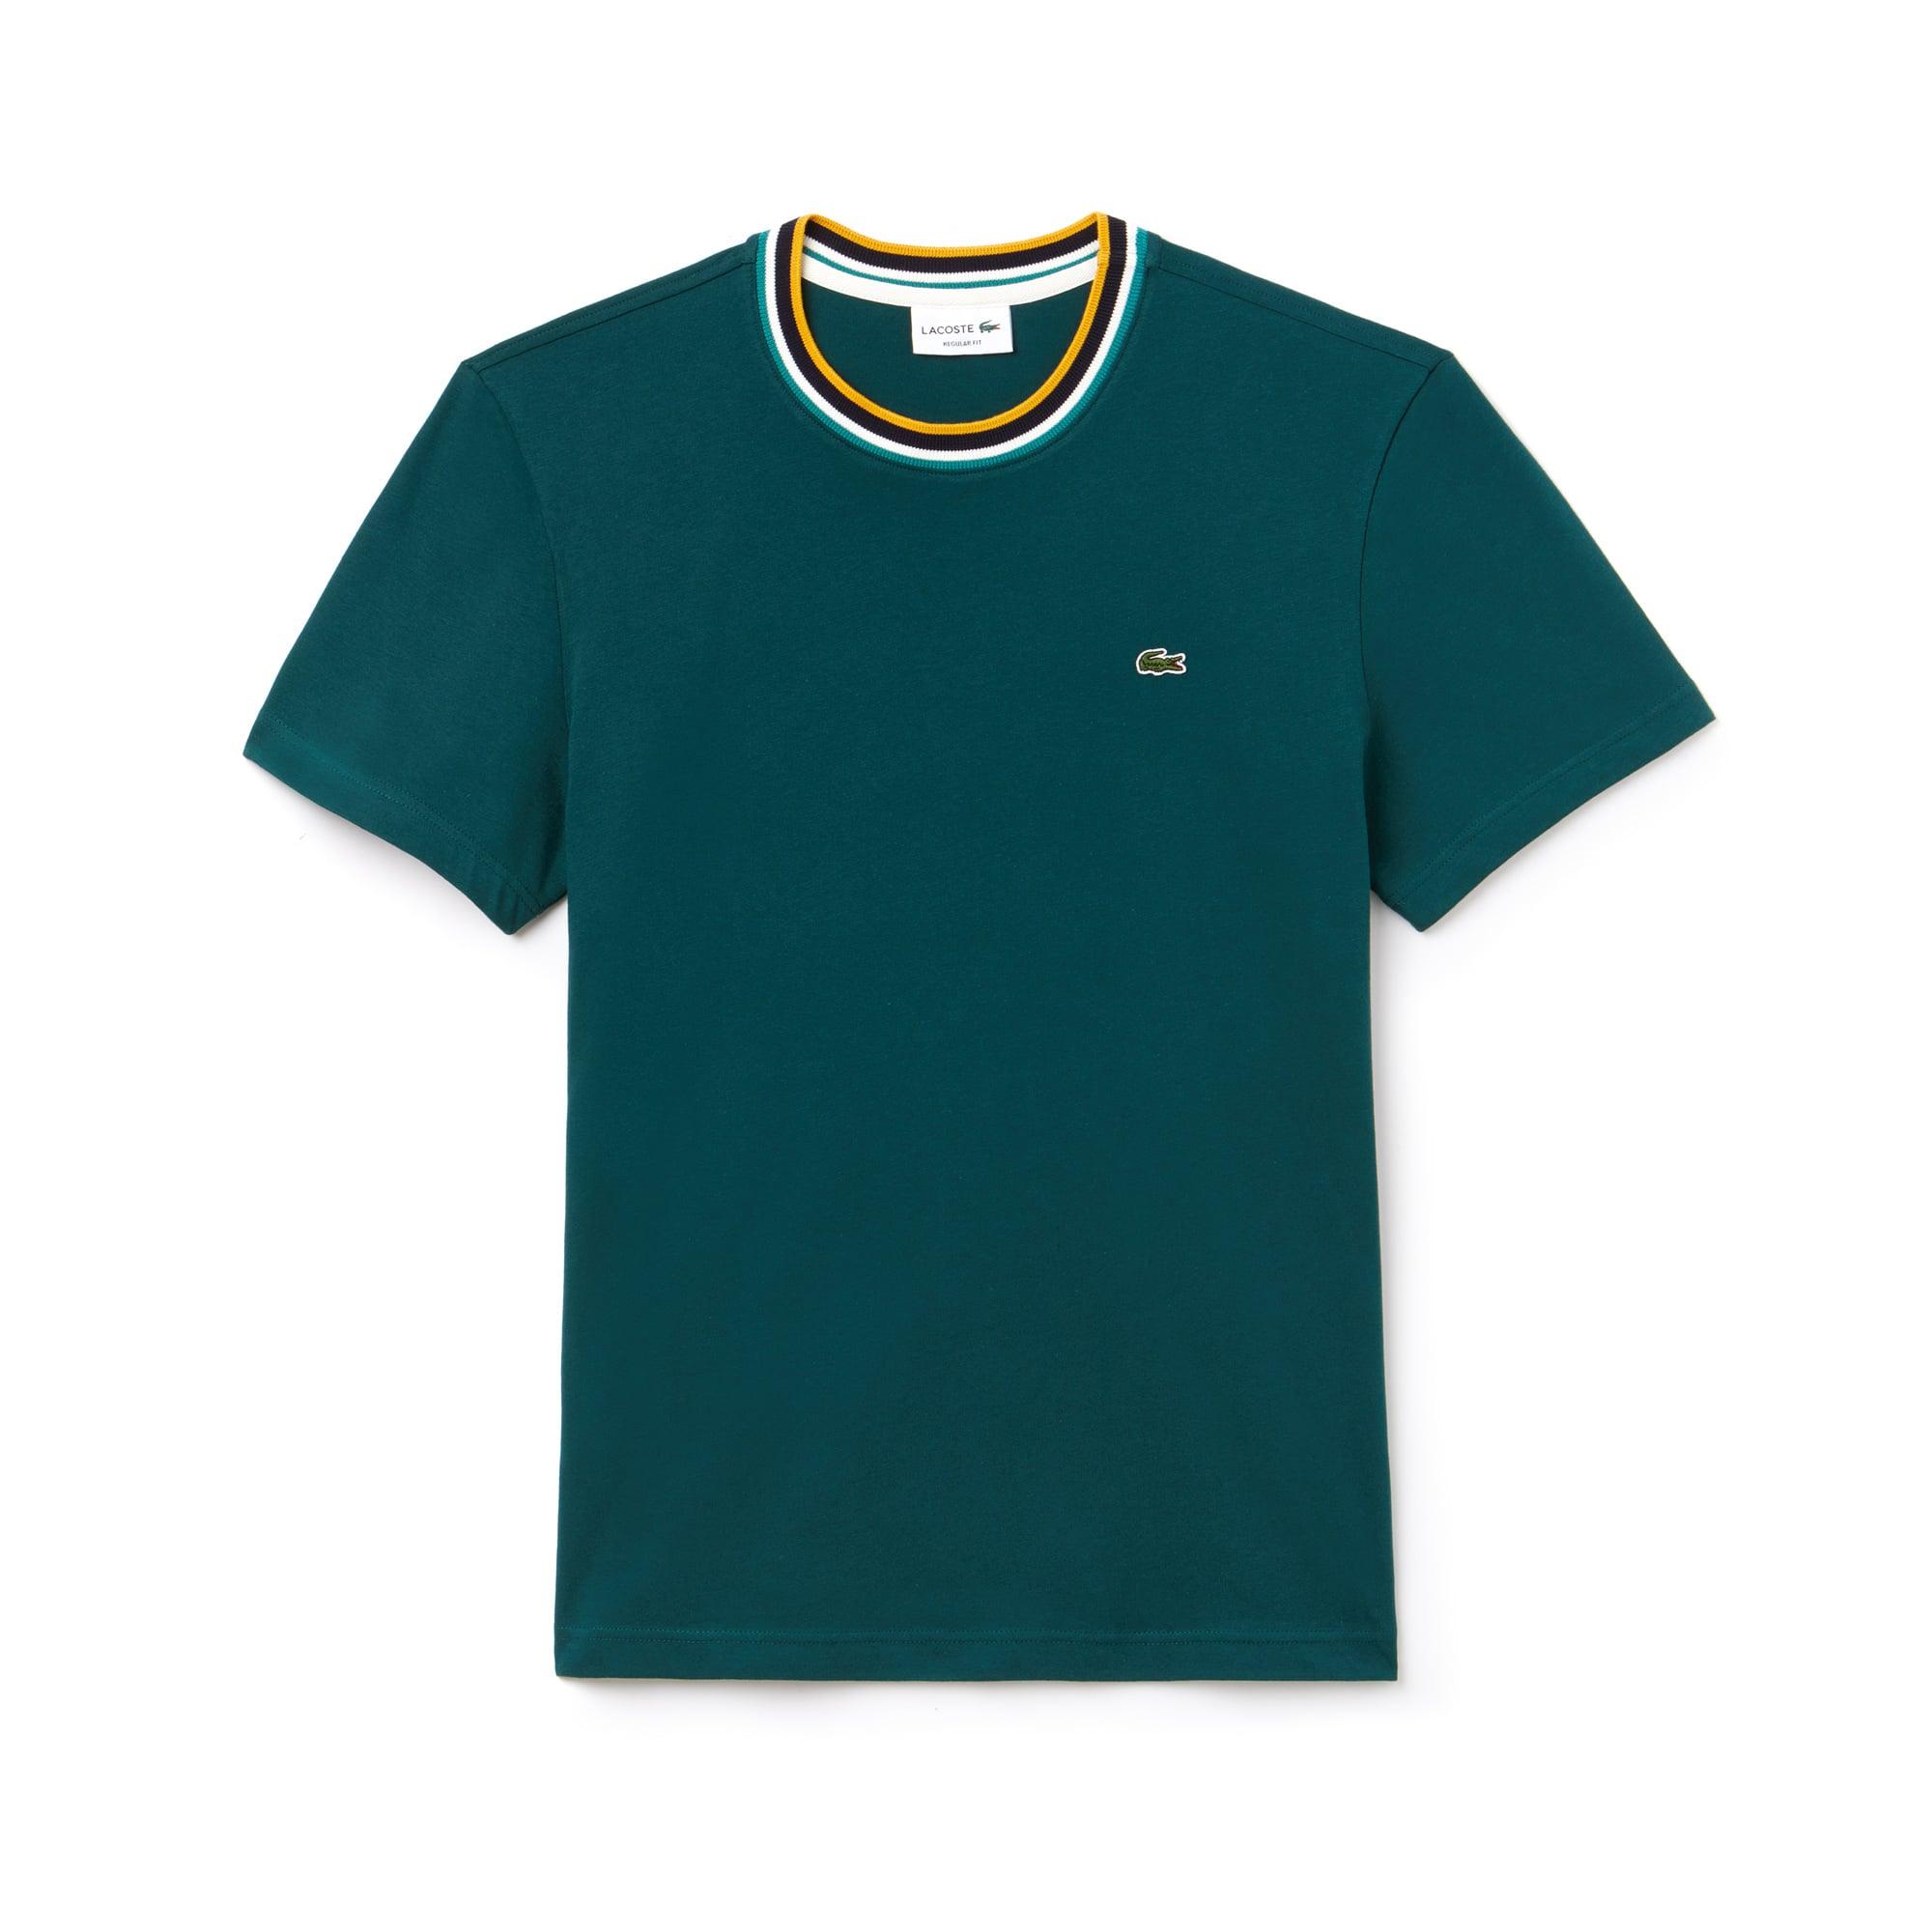 Herren-Rundhals-Shirt aus Baumwolljersey mit Ripp-Kragen